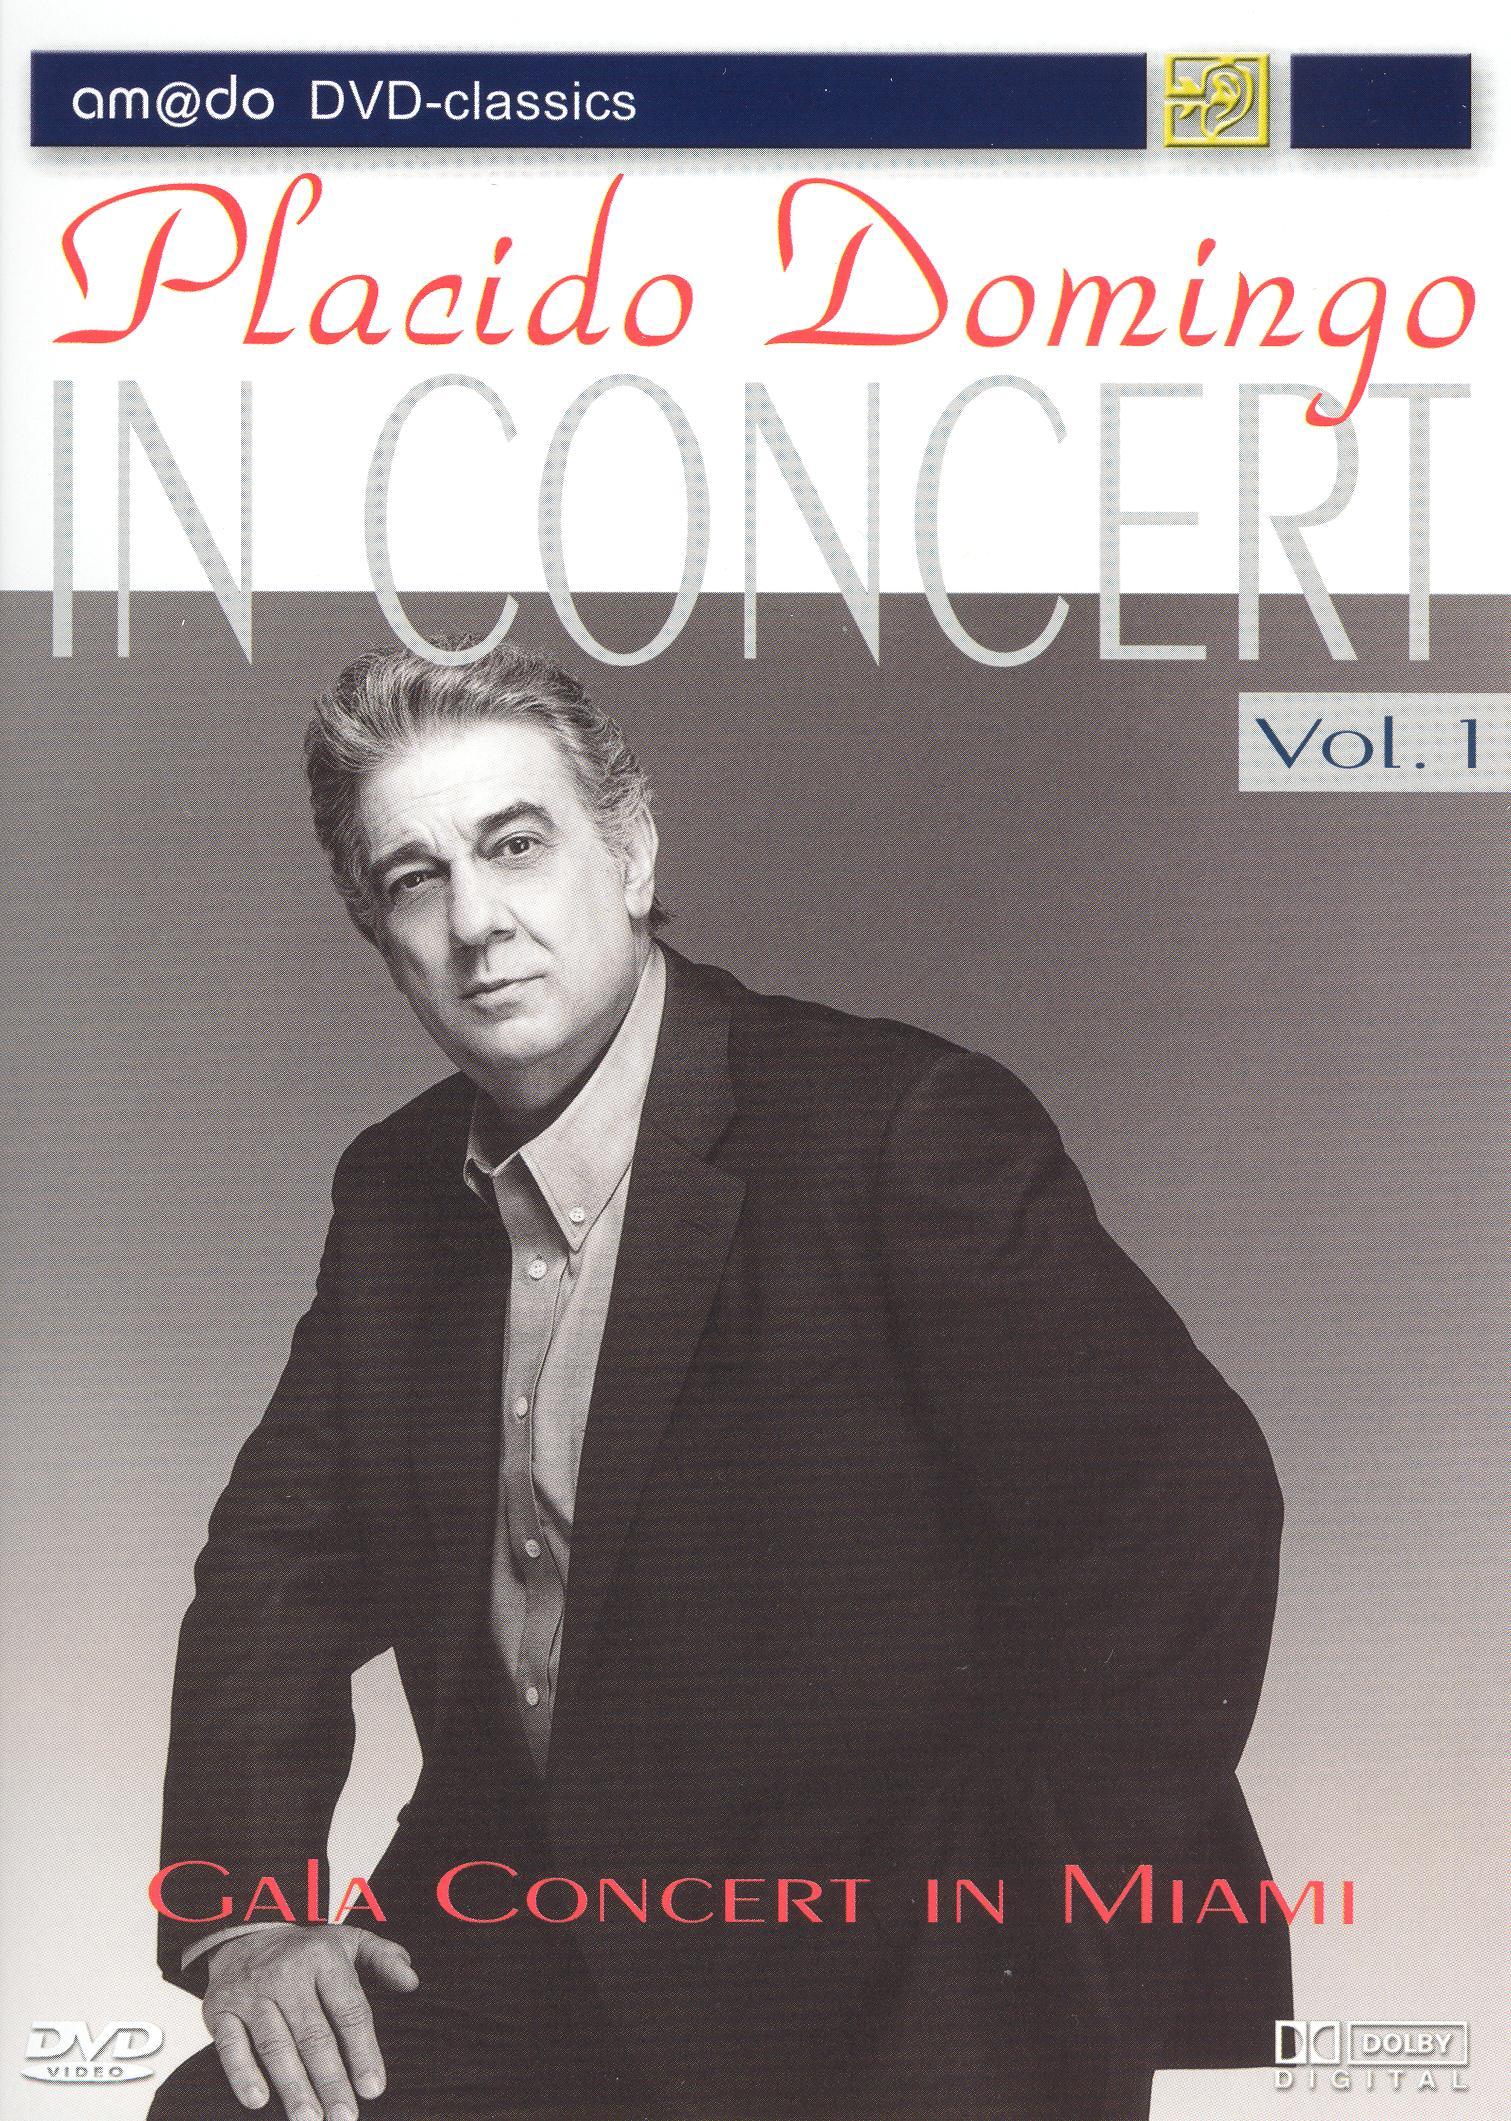 Placido Domingo: Gala Concert In Miami